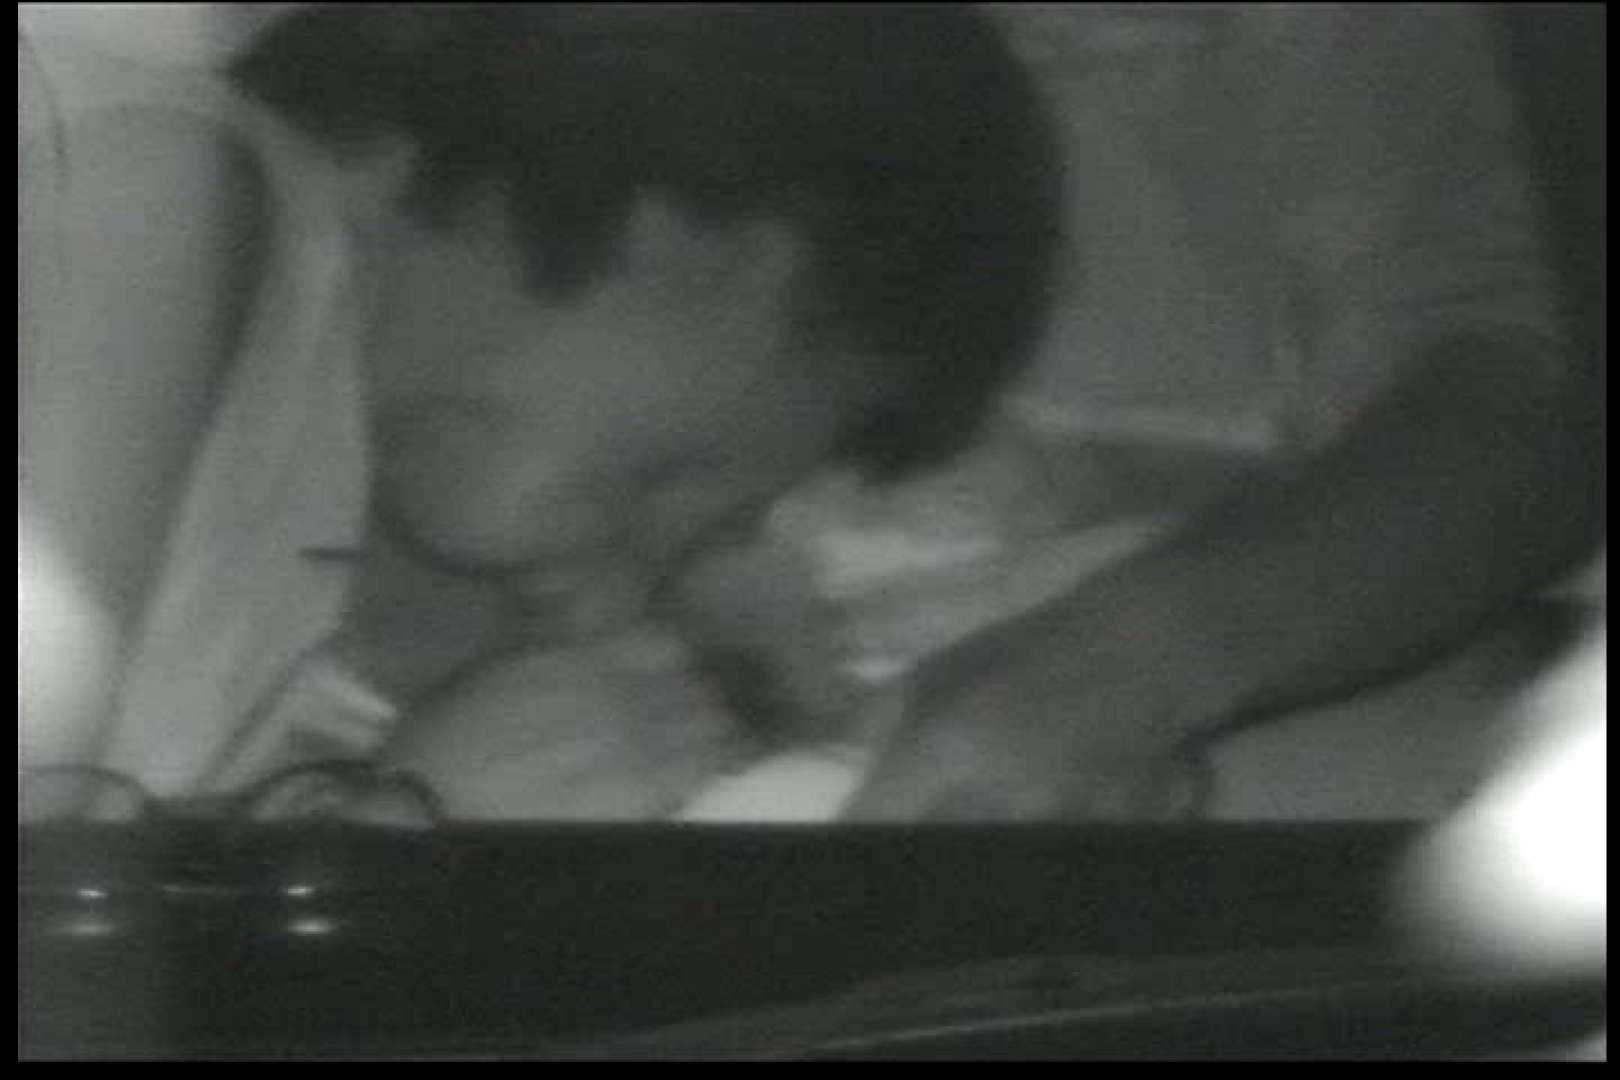 車の中はラブホテル 無修正版  Vol.12 エッチなセックス 盗撮動画紹介 93画像 51